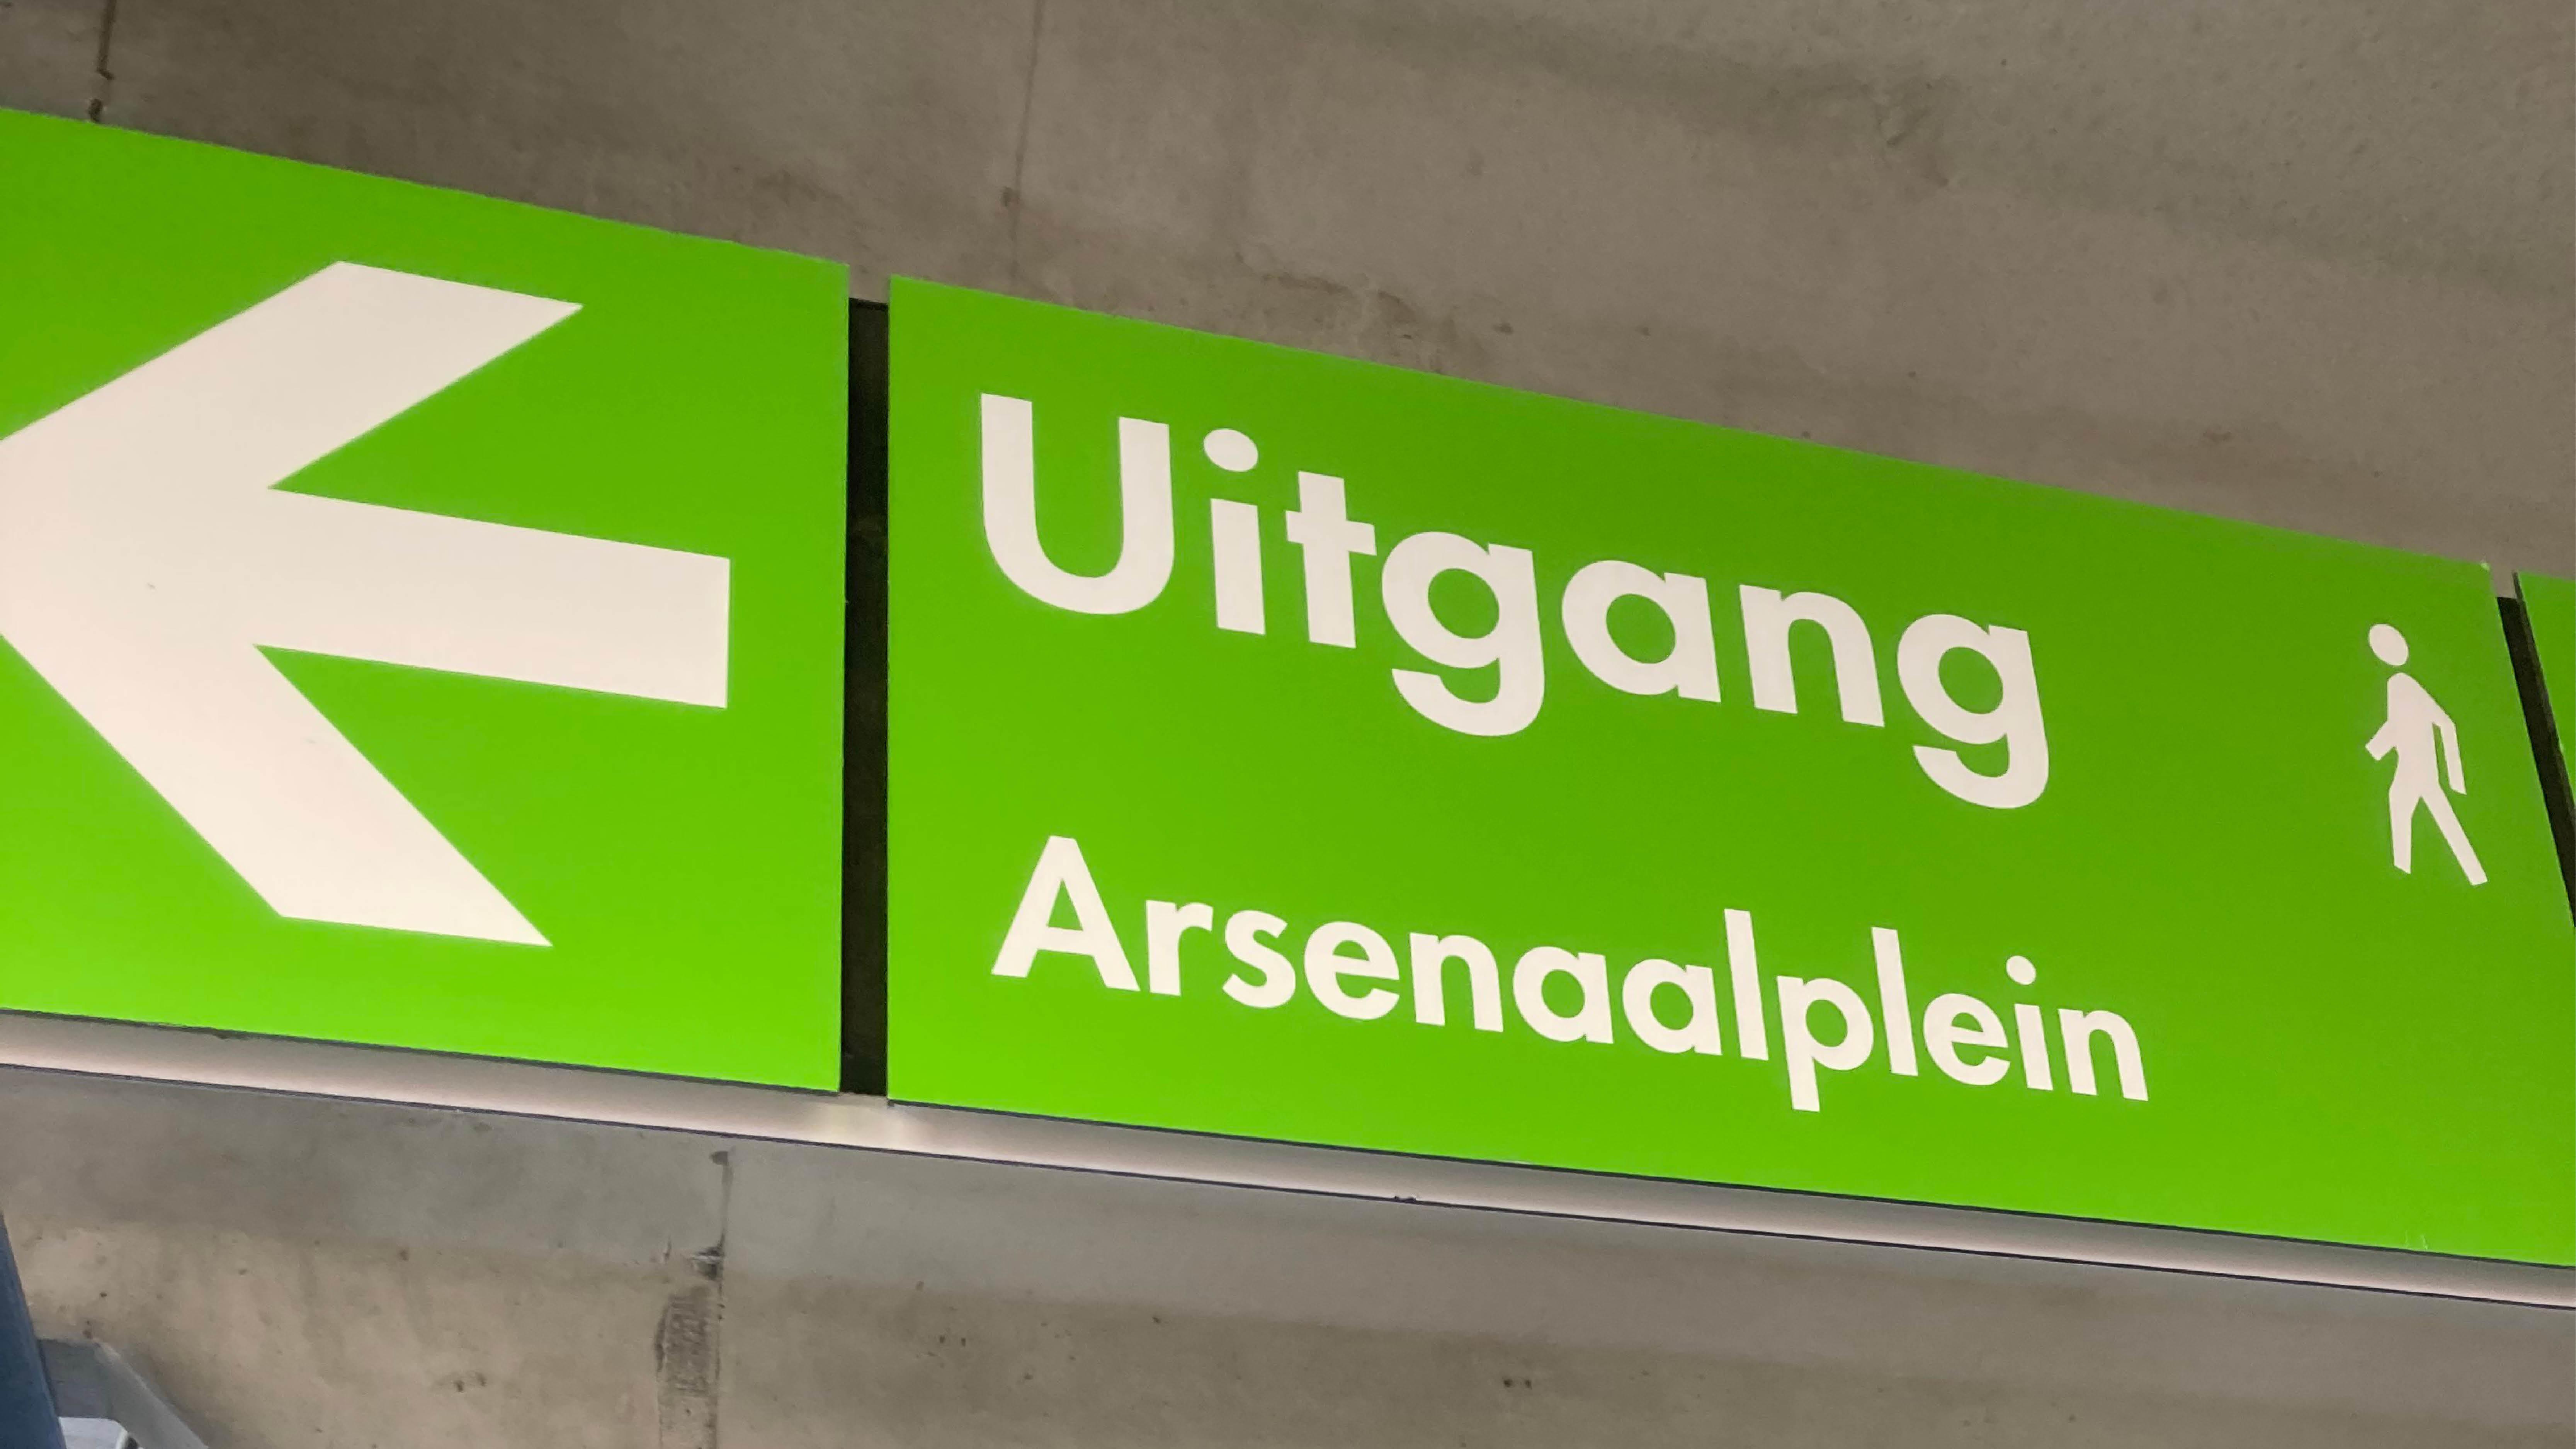 Tijdelijke parkeergarage Arsenaal Venlo geopend